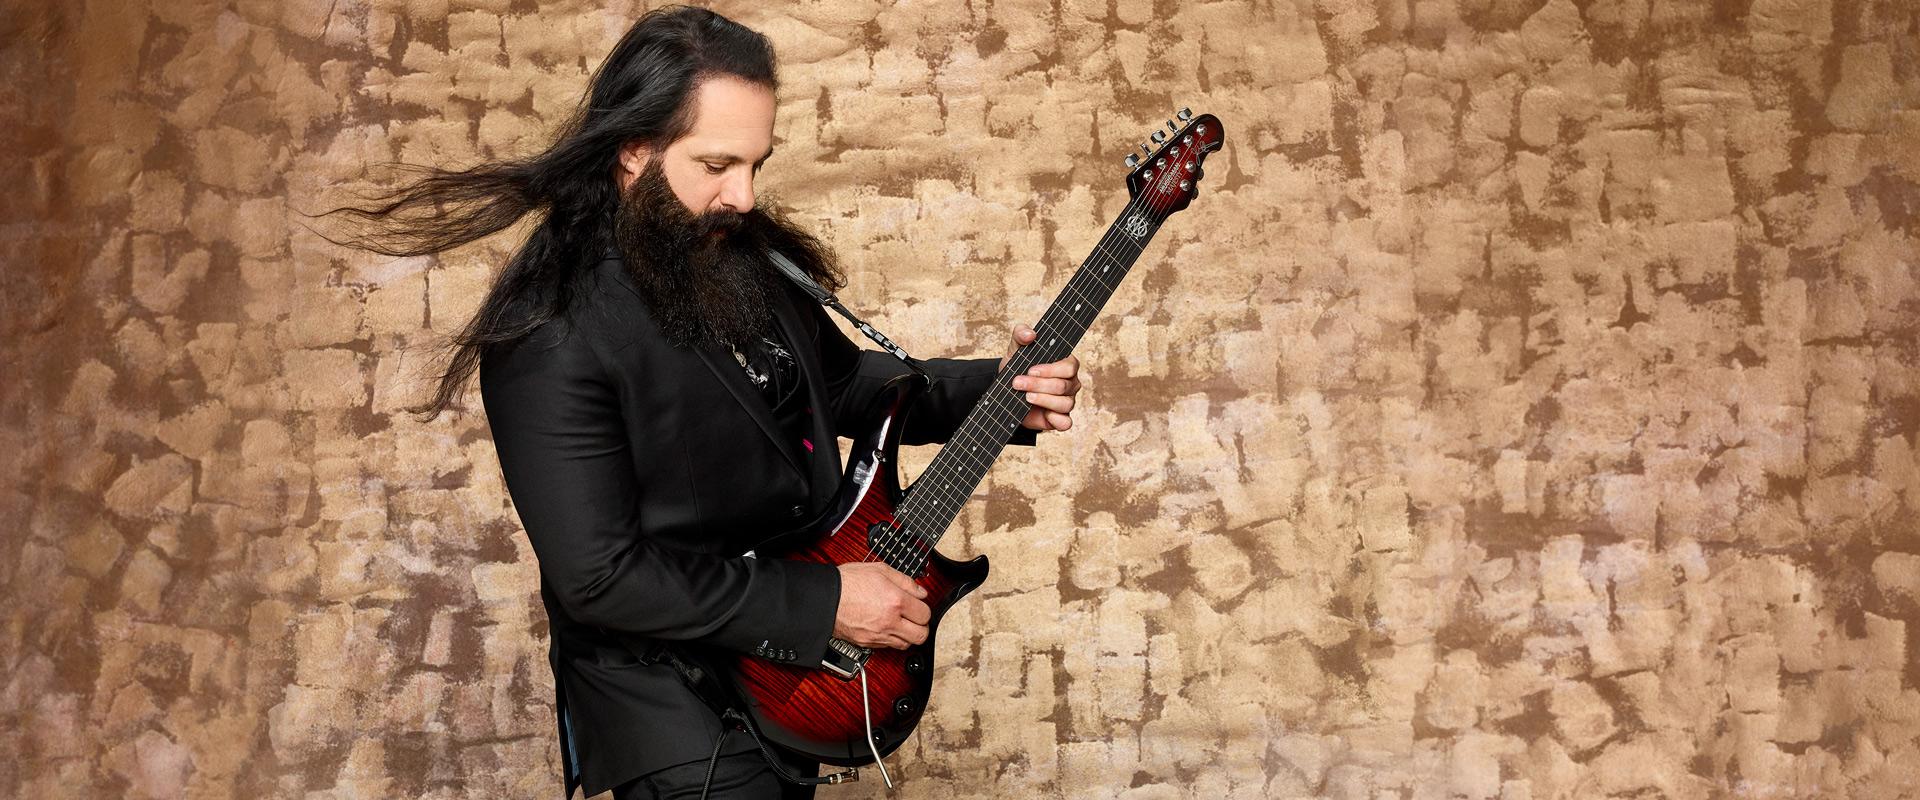 John Petrucci for DiMarzio